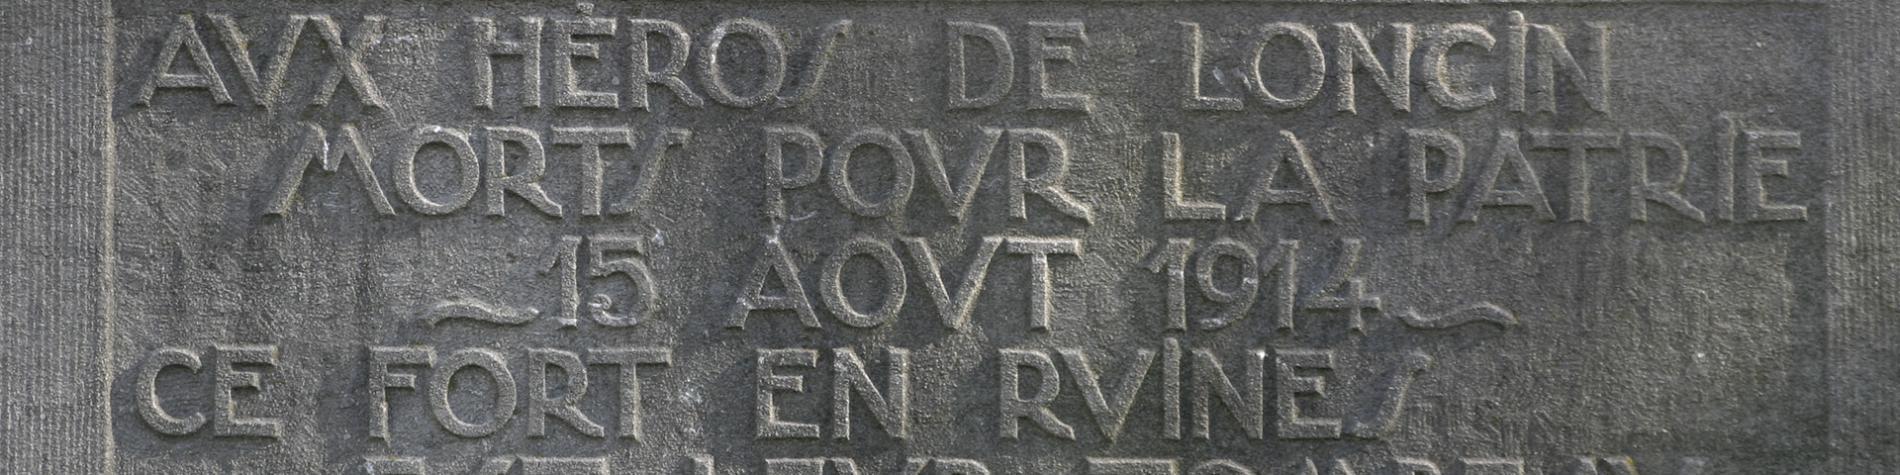 Hommage aux Héros de Loncin - Province de Liege